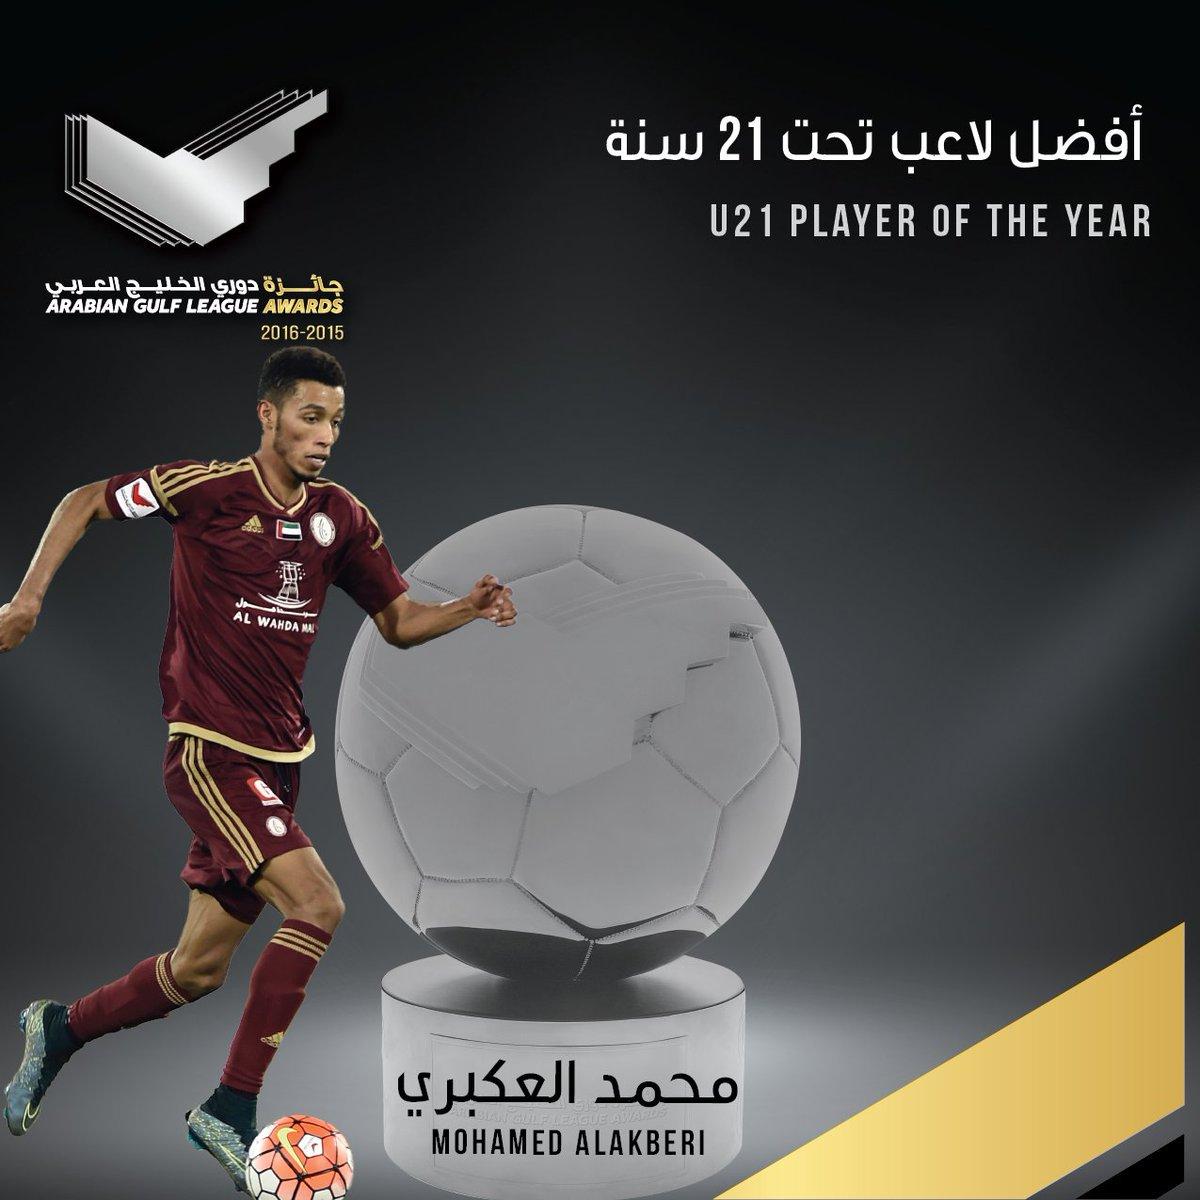 مبروك لمحمد العكبري الفائز بجائزة أفضل لاعب تحت ٢١ سنة #جائزة_دوري_الخليج_العربي https://t.co/APwVdDHJXN